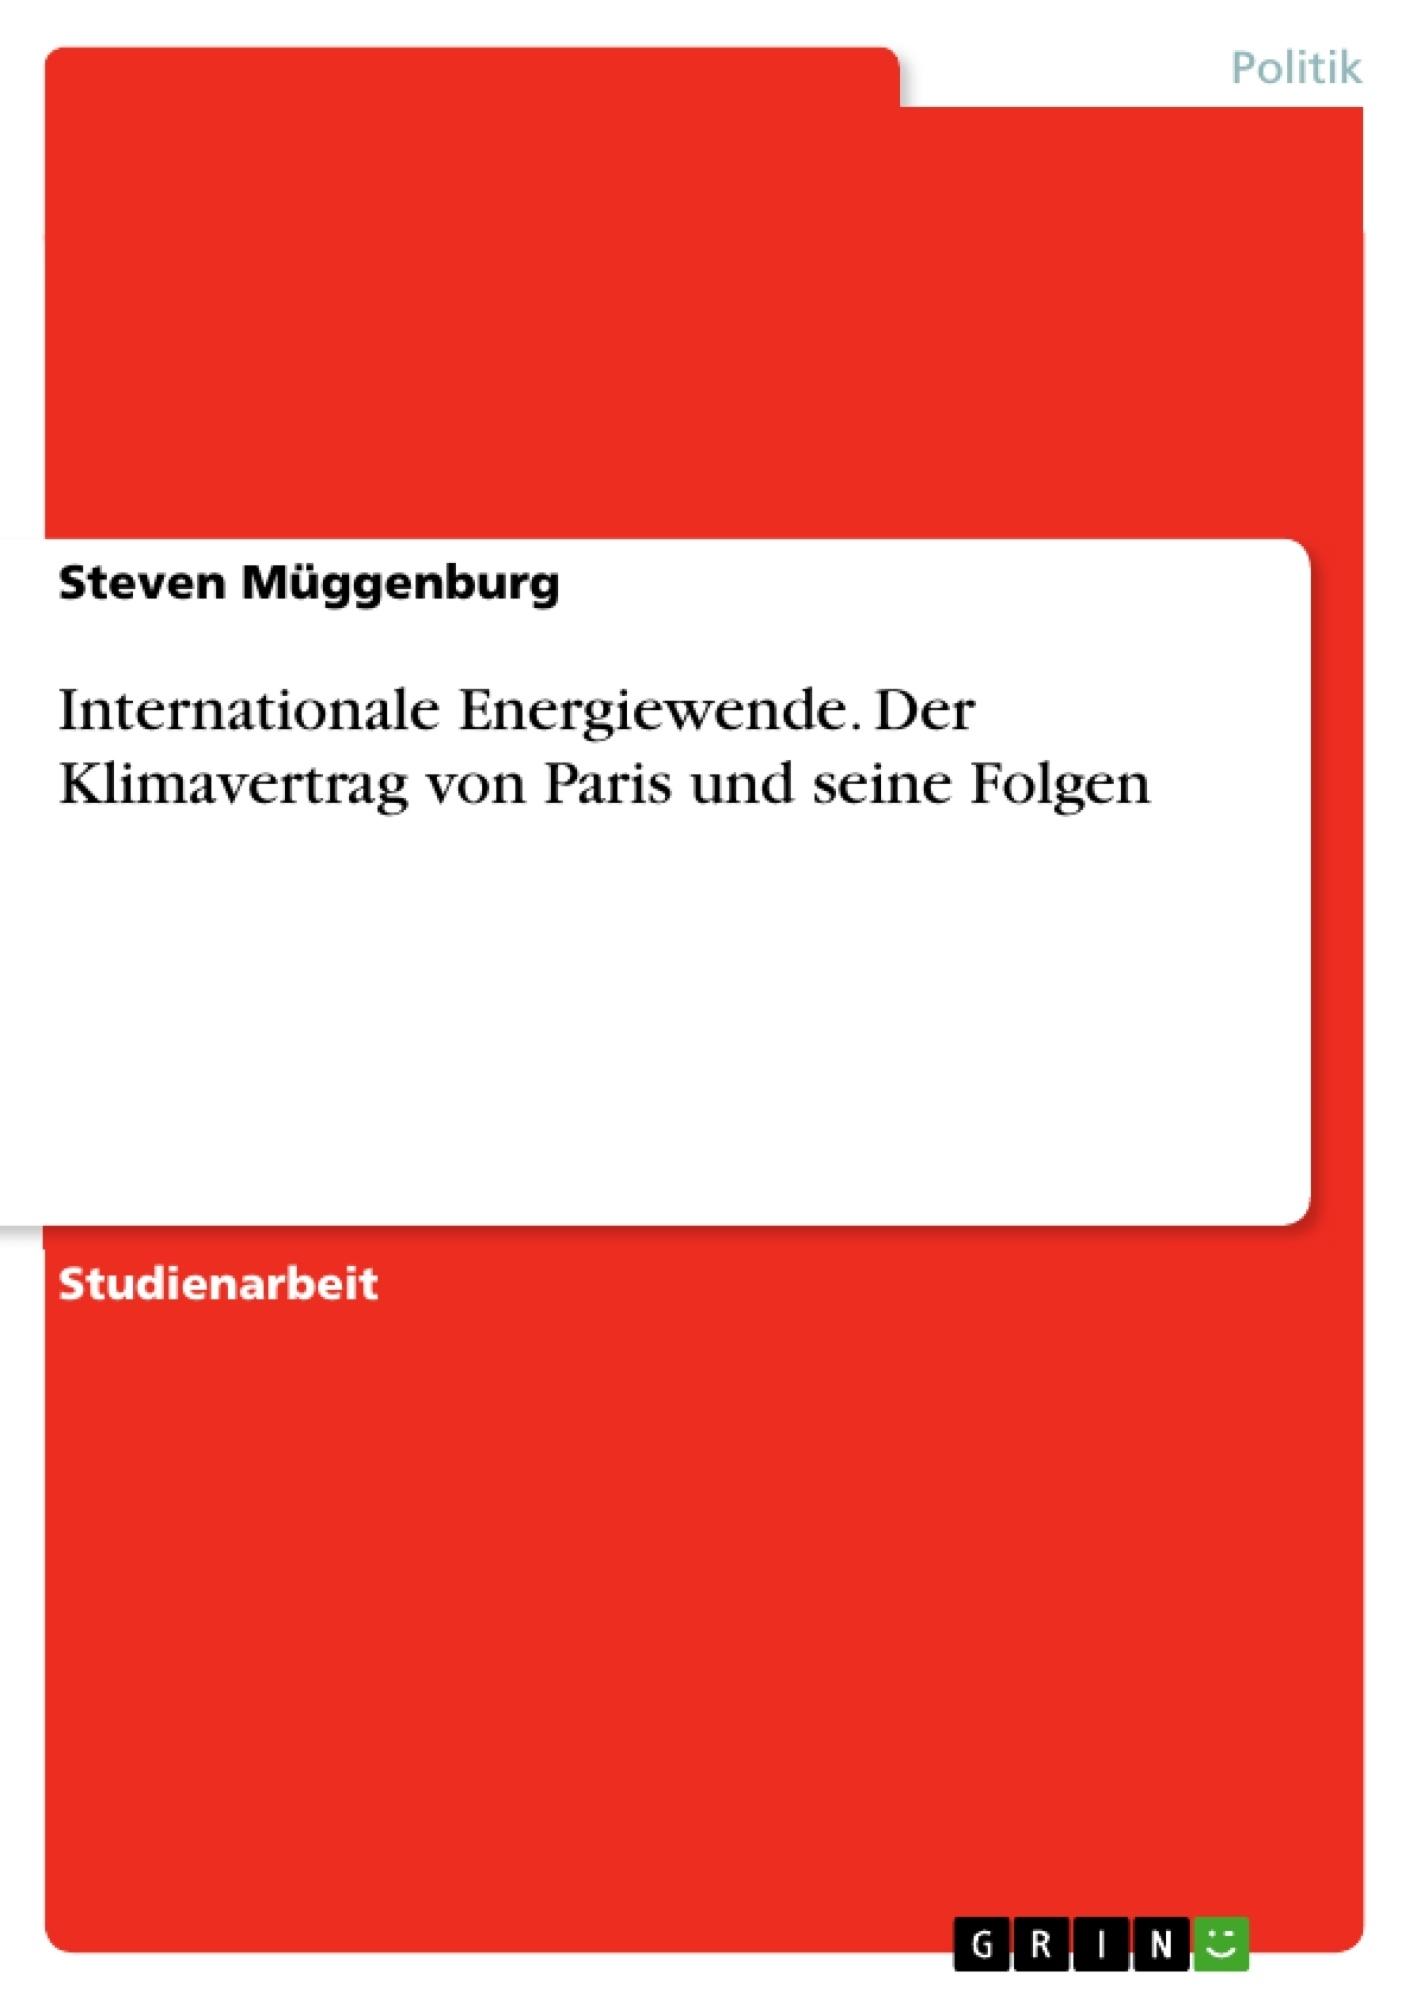 Titel: Internationale Energiewende. Der Klimavertrag von Paris und seine Folgen